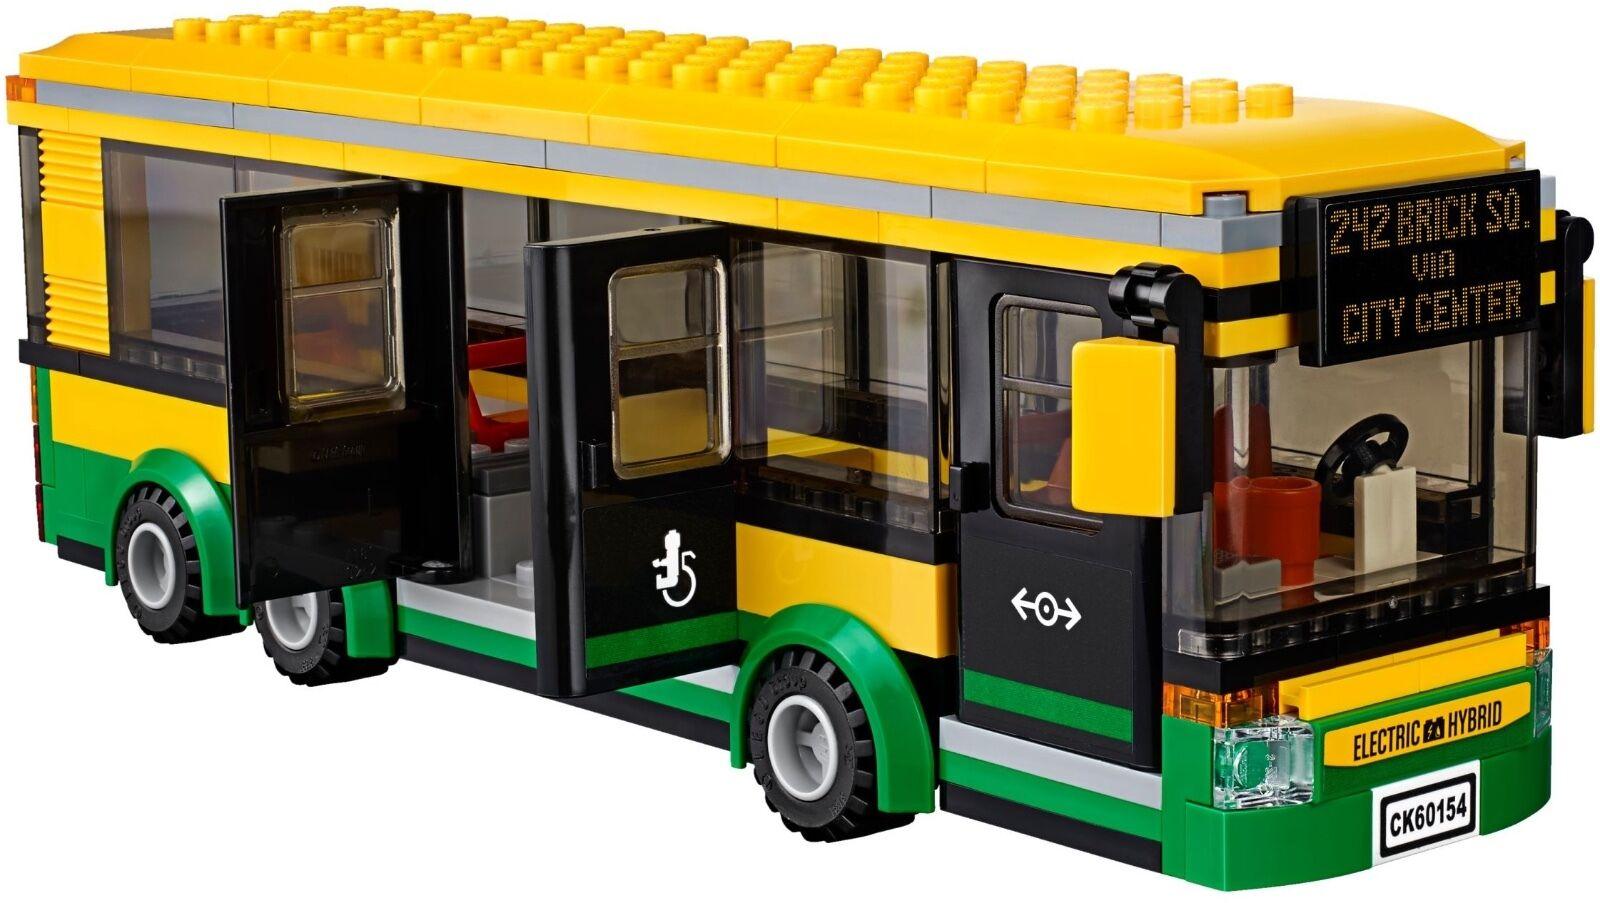 Lego La Dans Neuf ® City Boîte Sa 60154 Routière Gare ymwON80vn